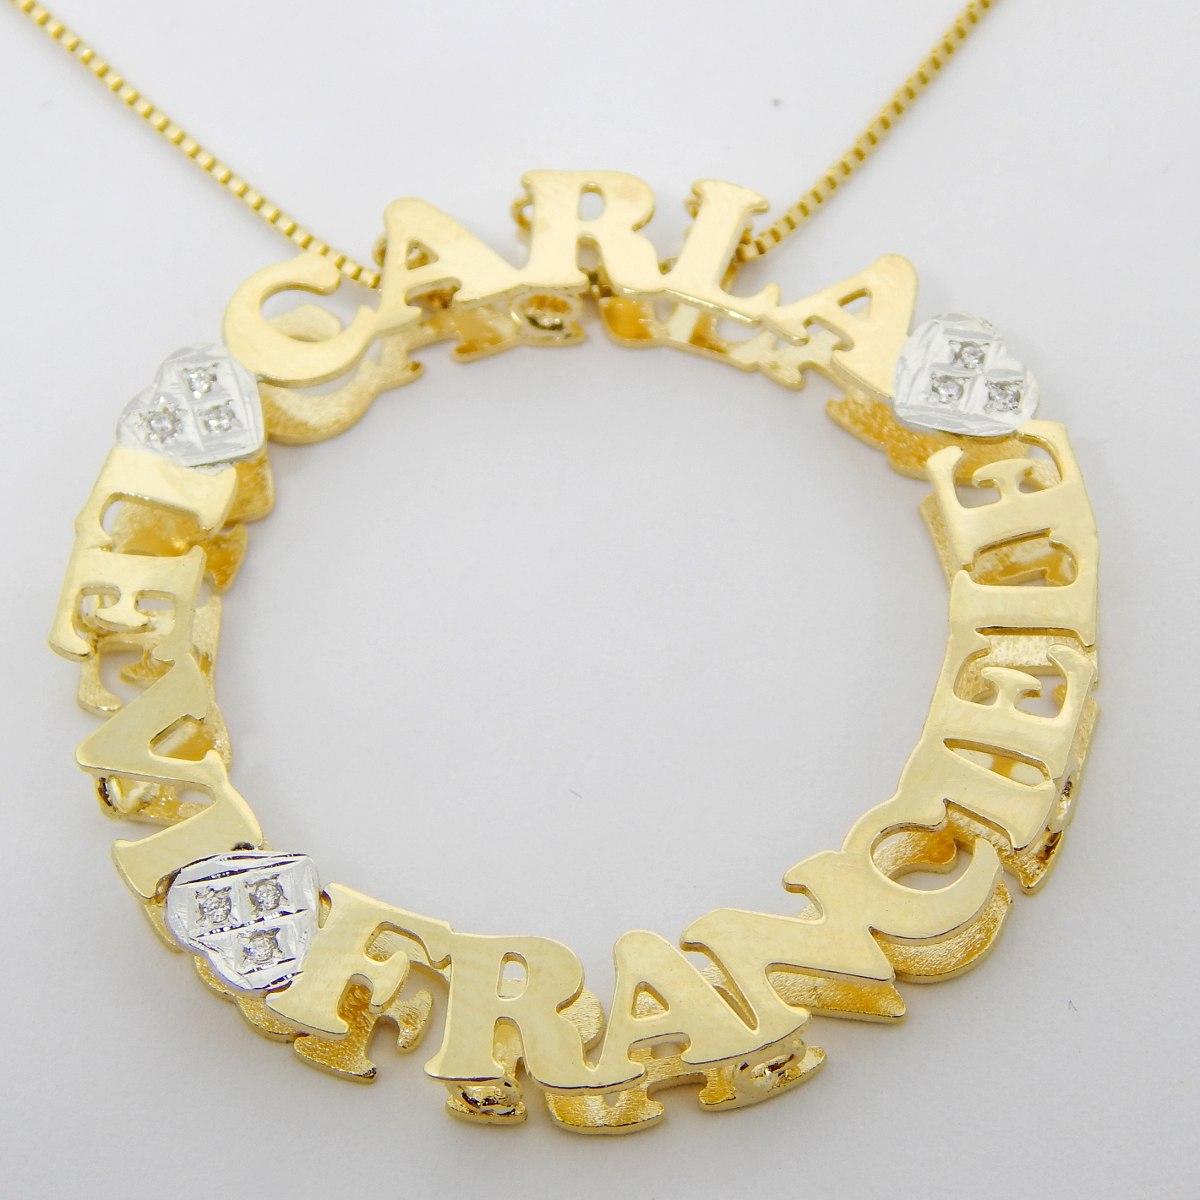 c2381e0ceb498 pingente mandala personalizada folheada a ouro. Carregando zoom.